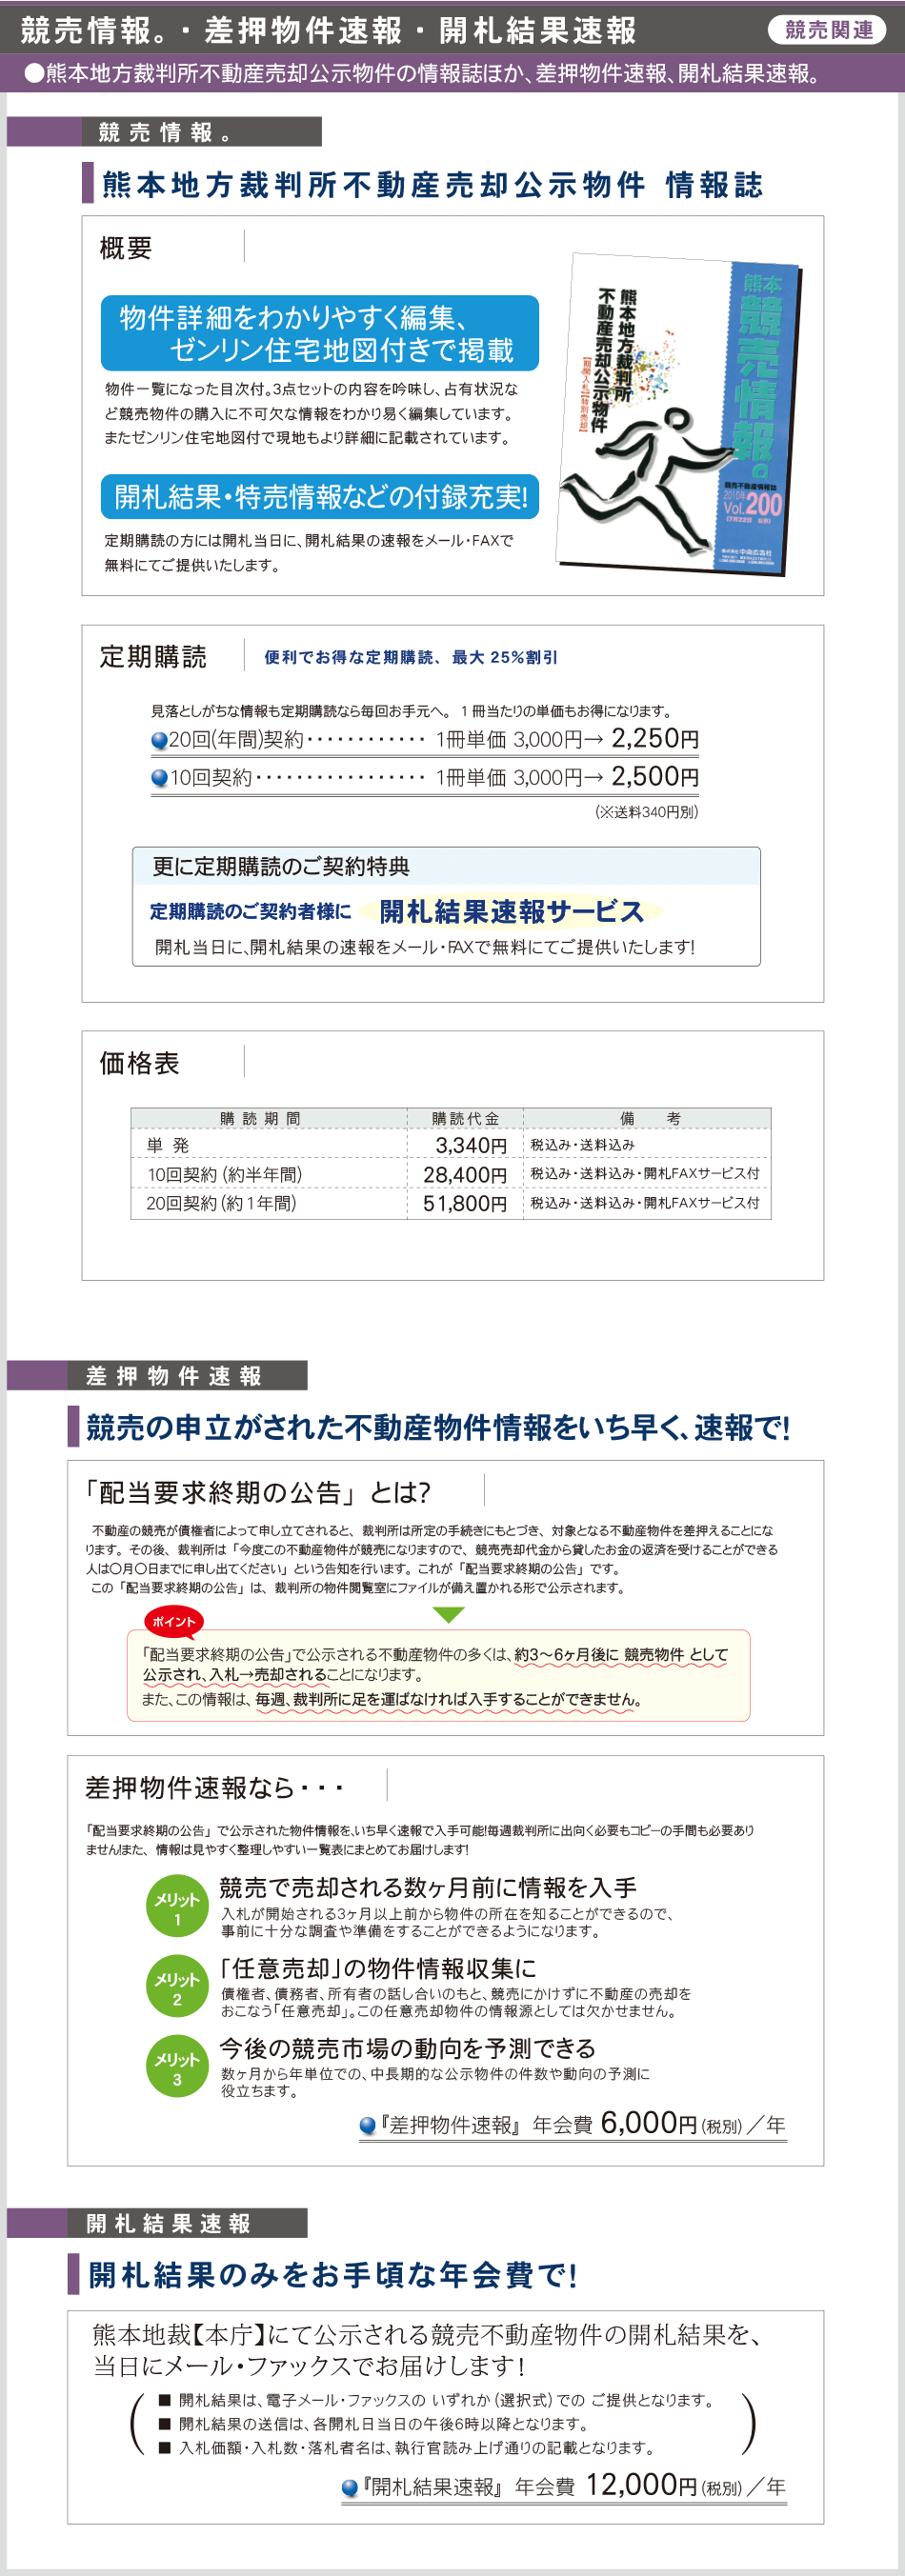 熊本競売情報